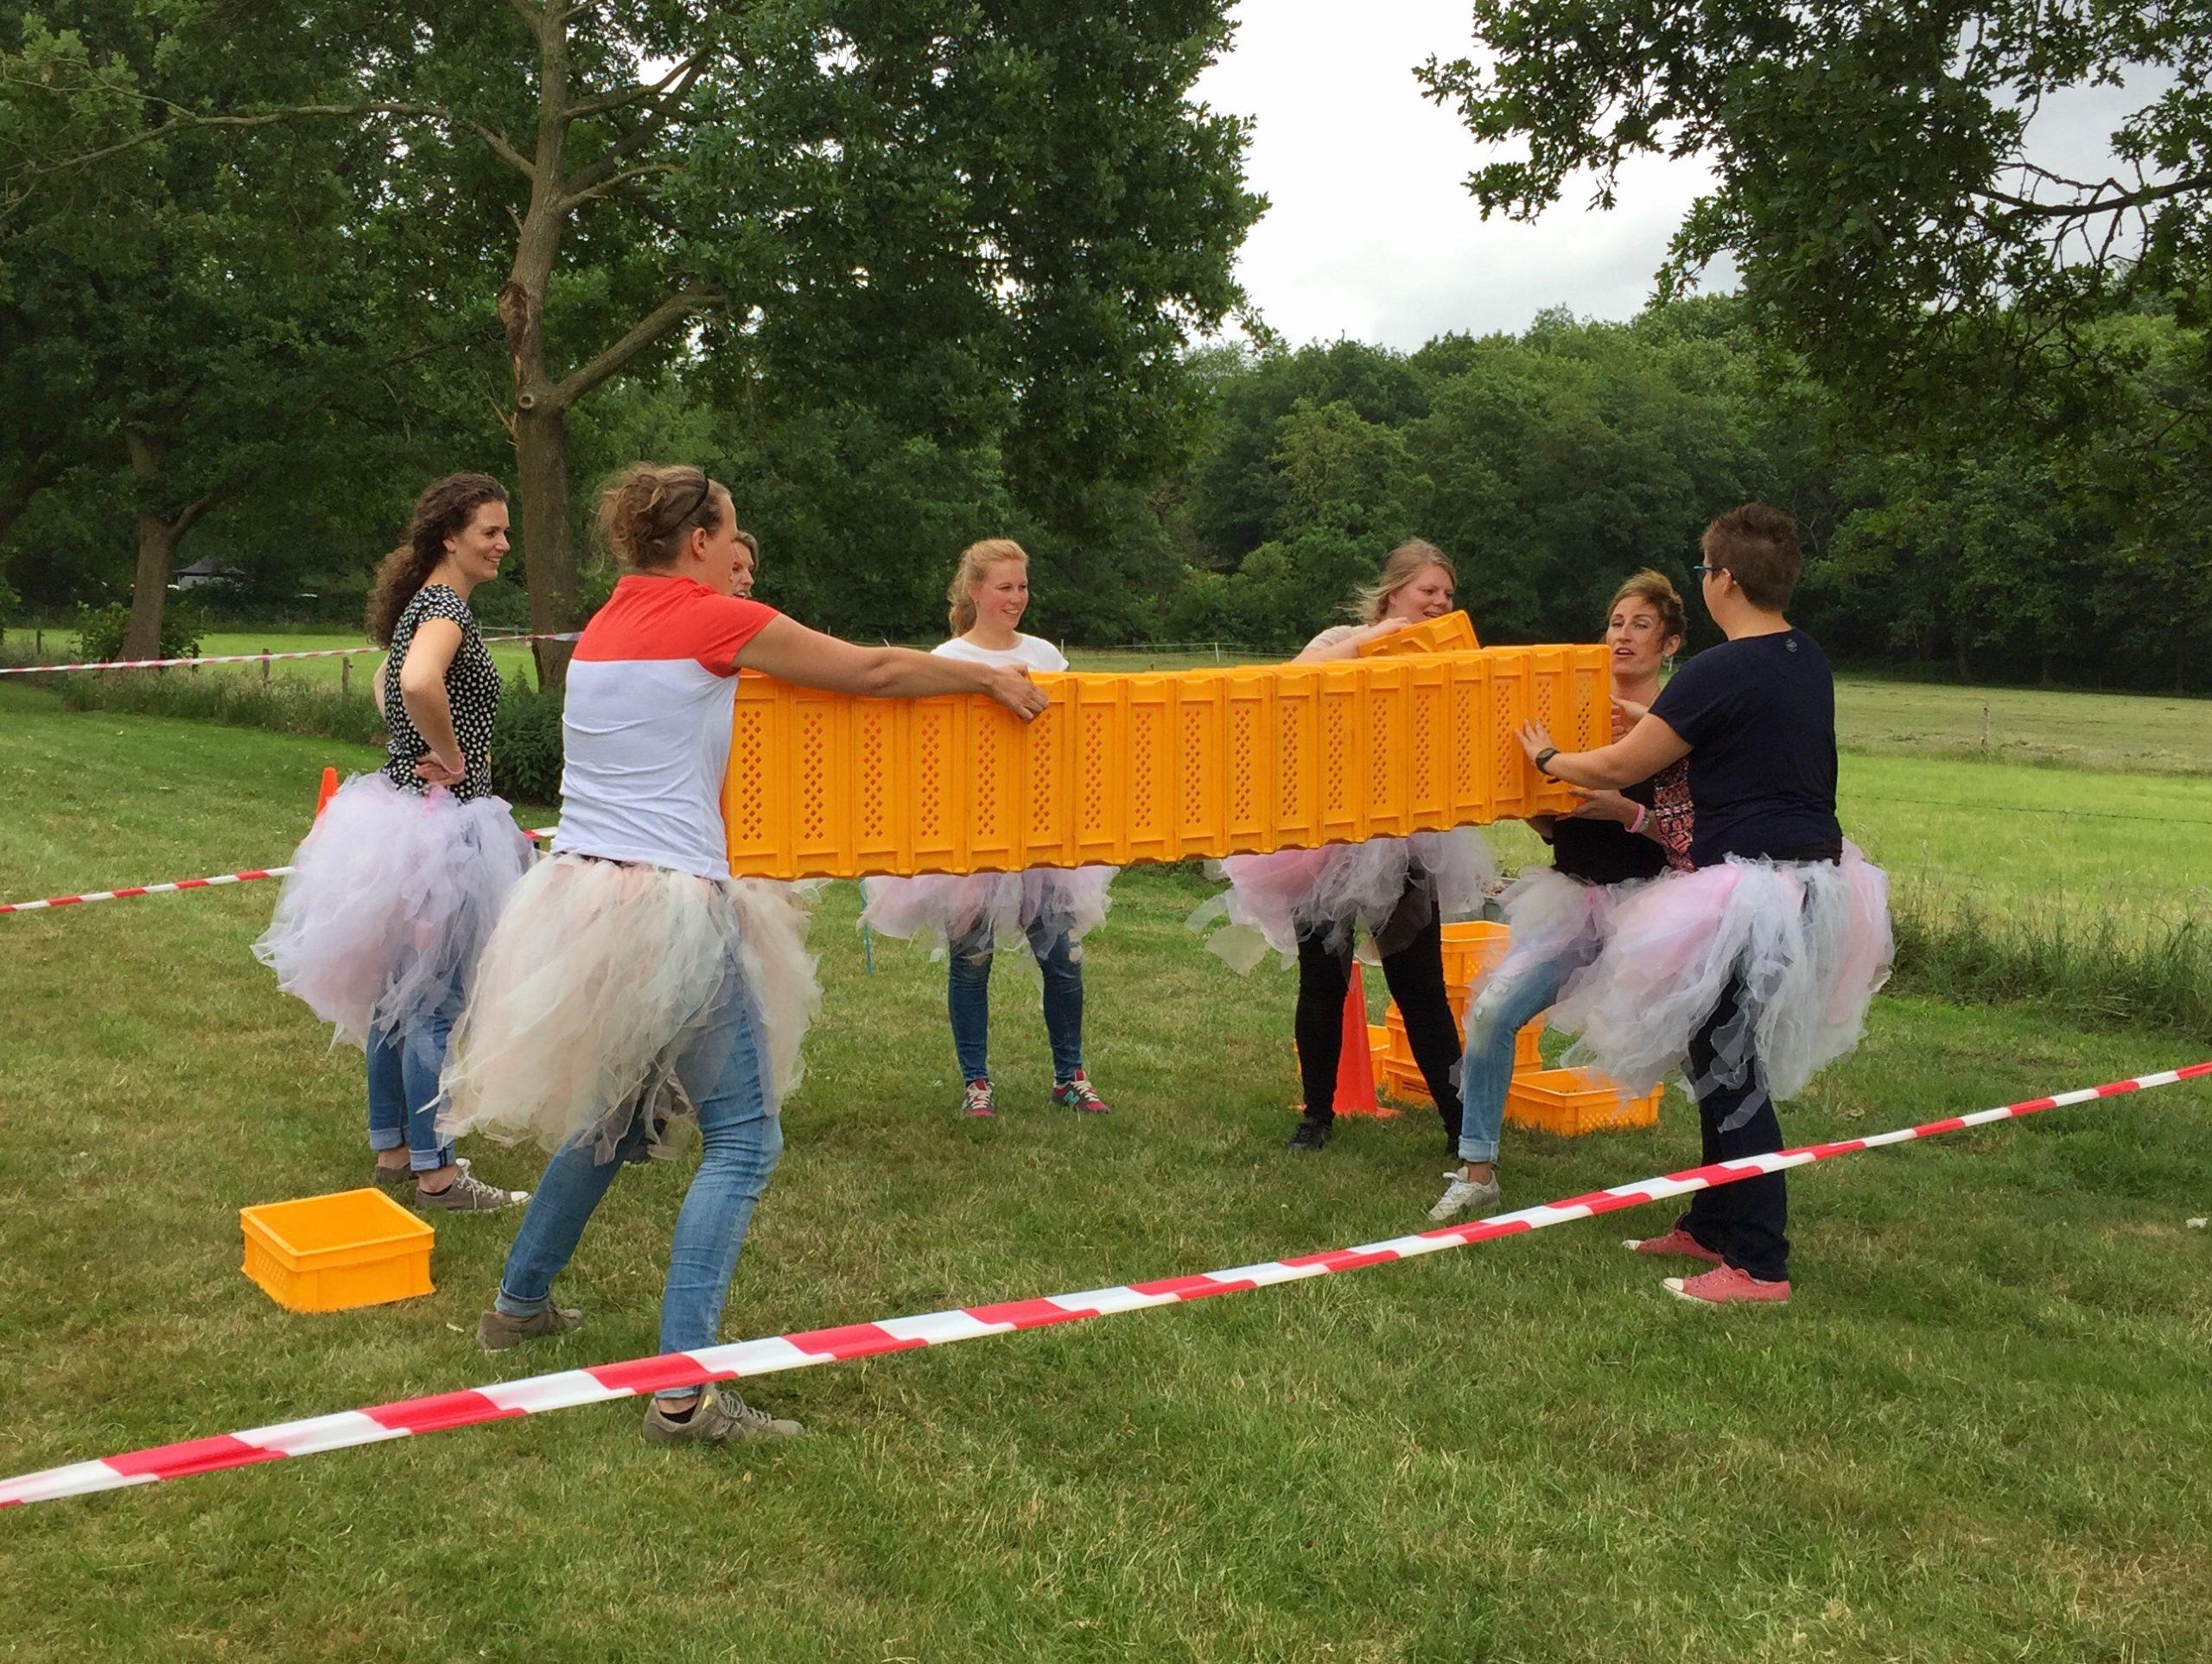 Wighland-Games-vrijgezellenfeestje-dames-kratstapelen-horizontaal